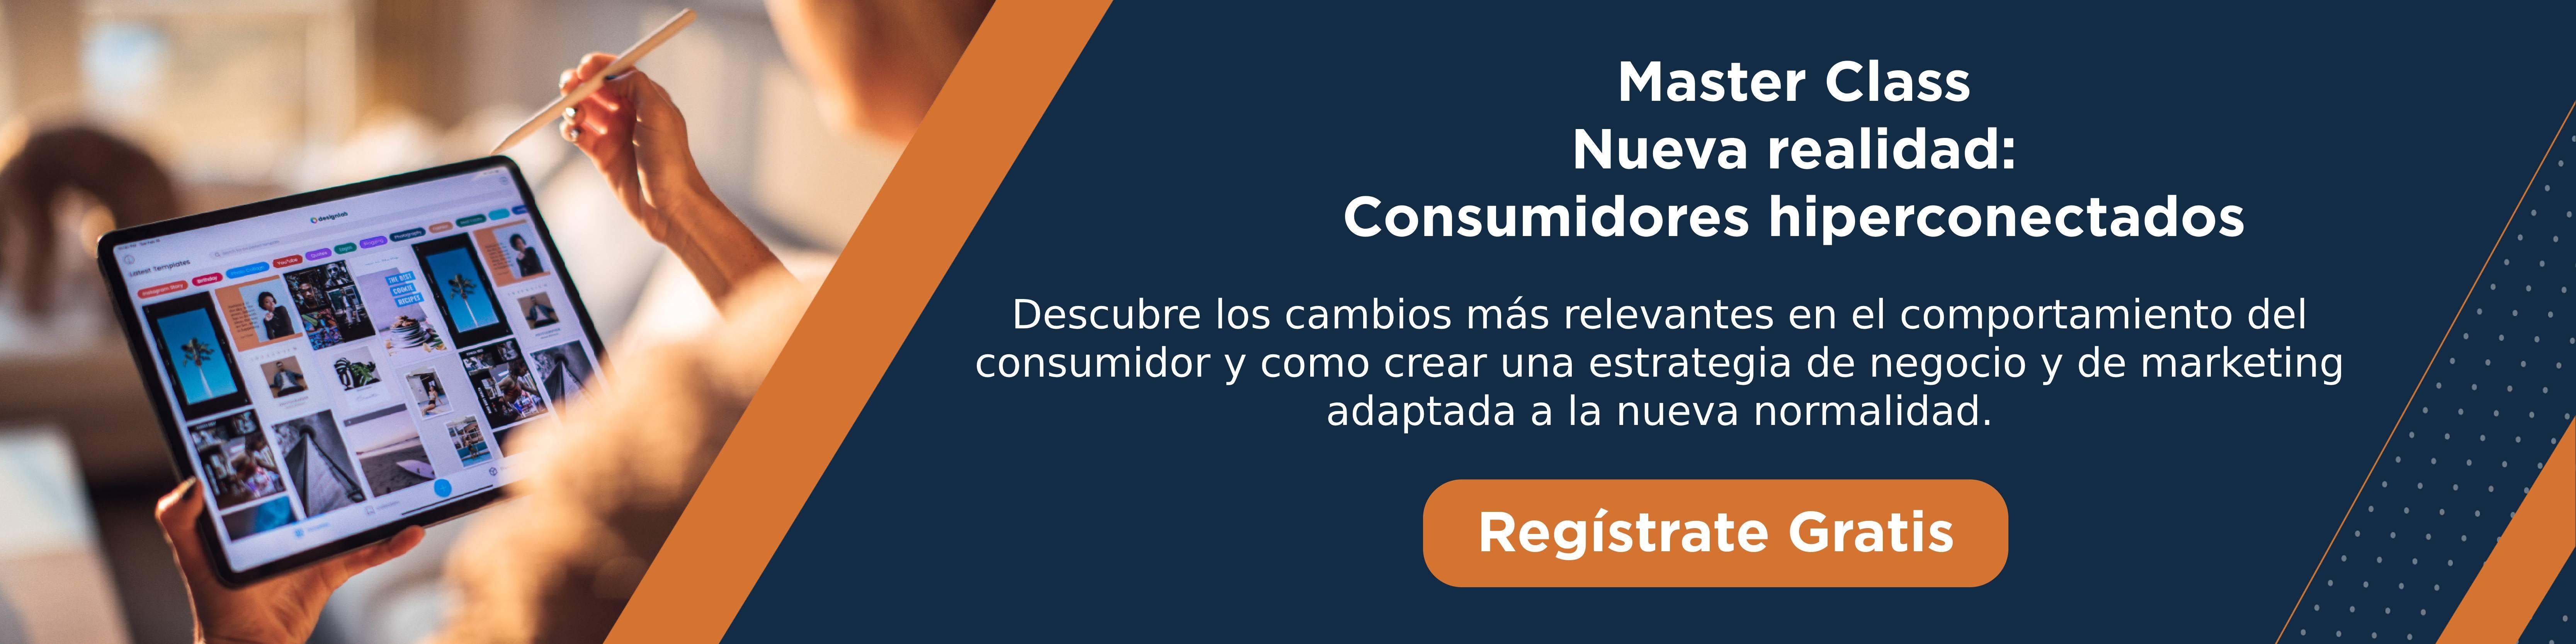 Master Class Nueva realidad consumidores hiperconectados